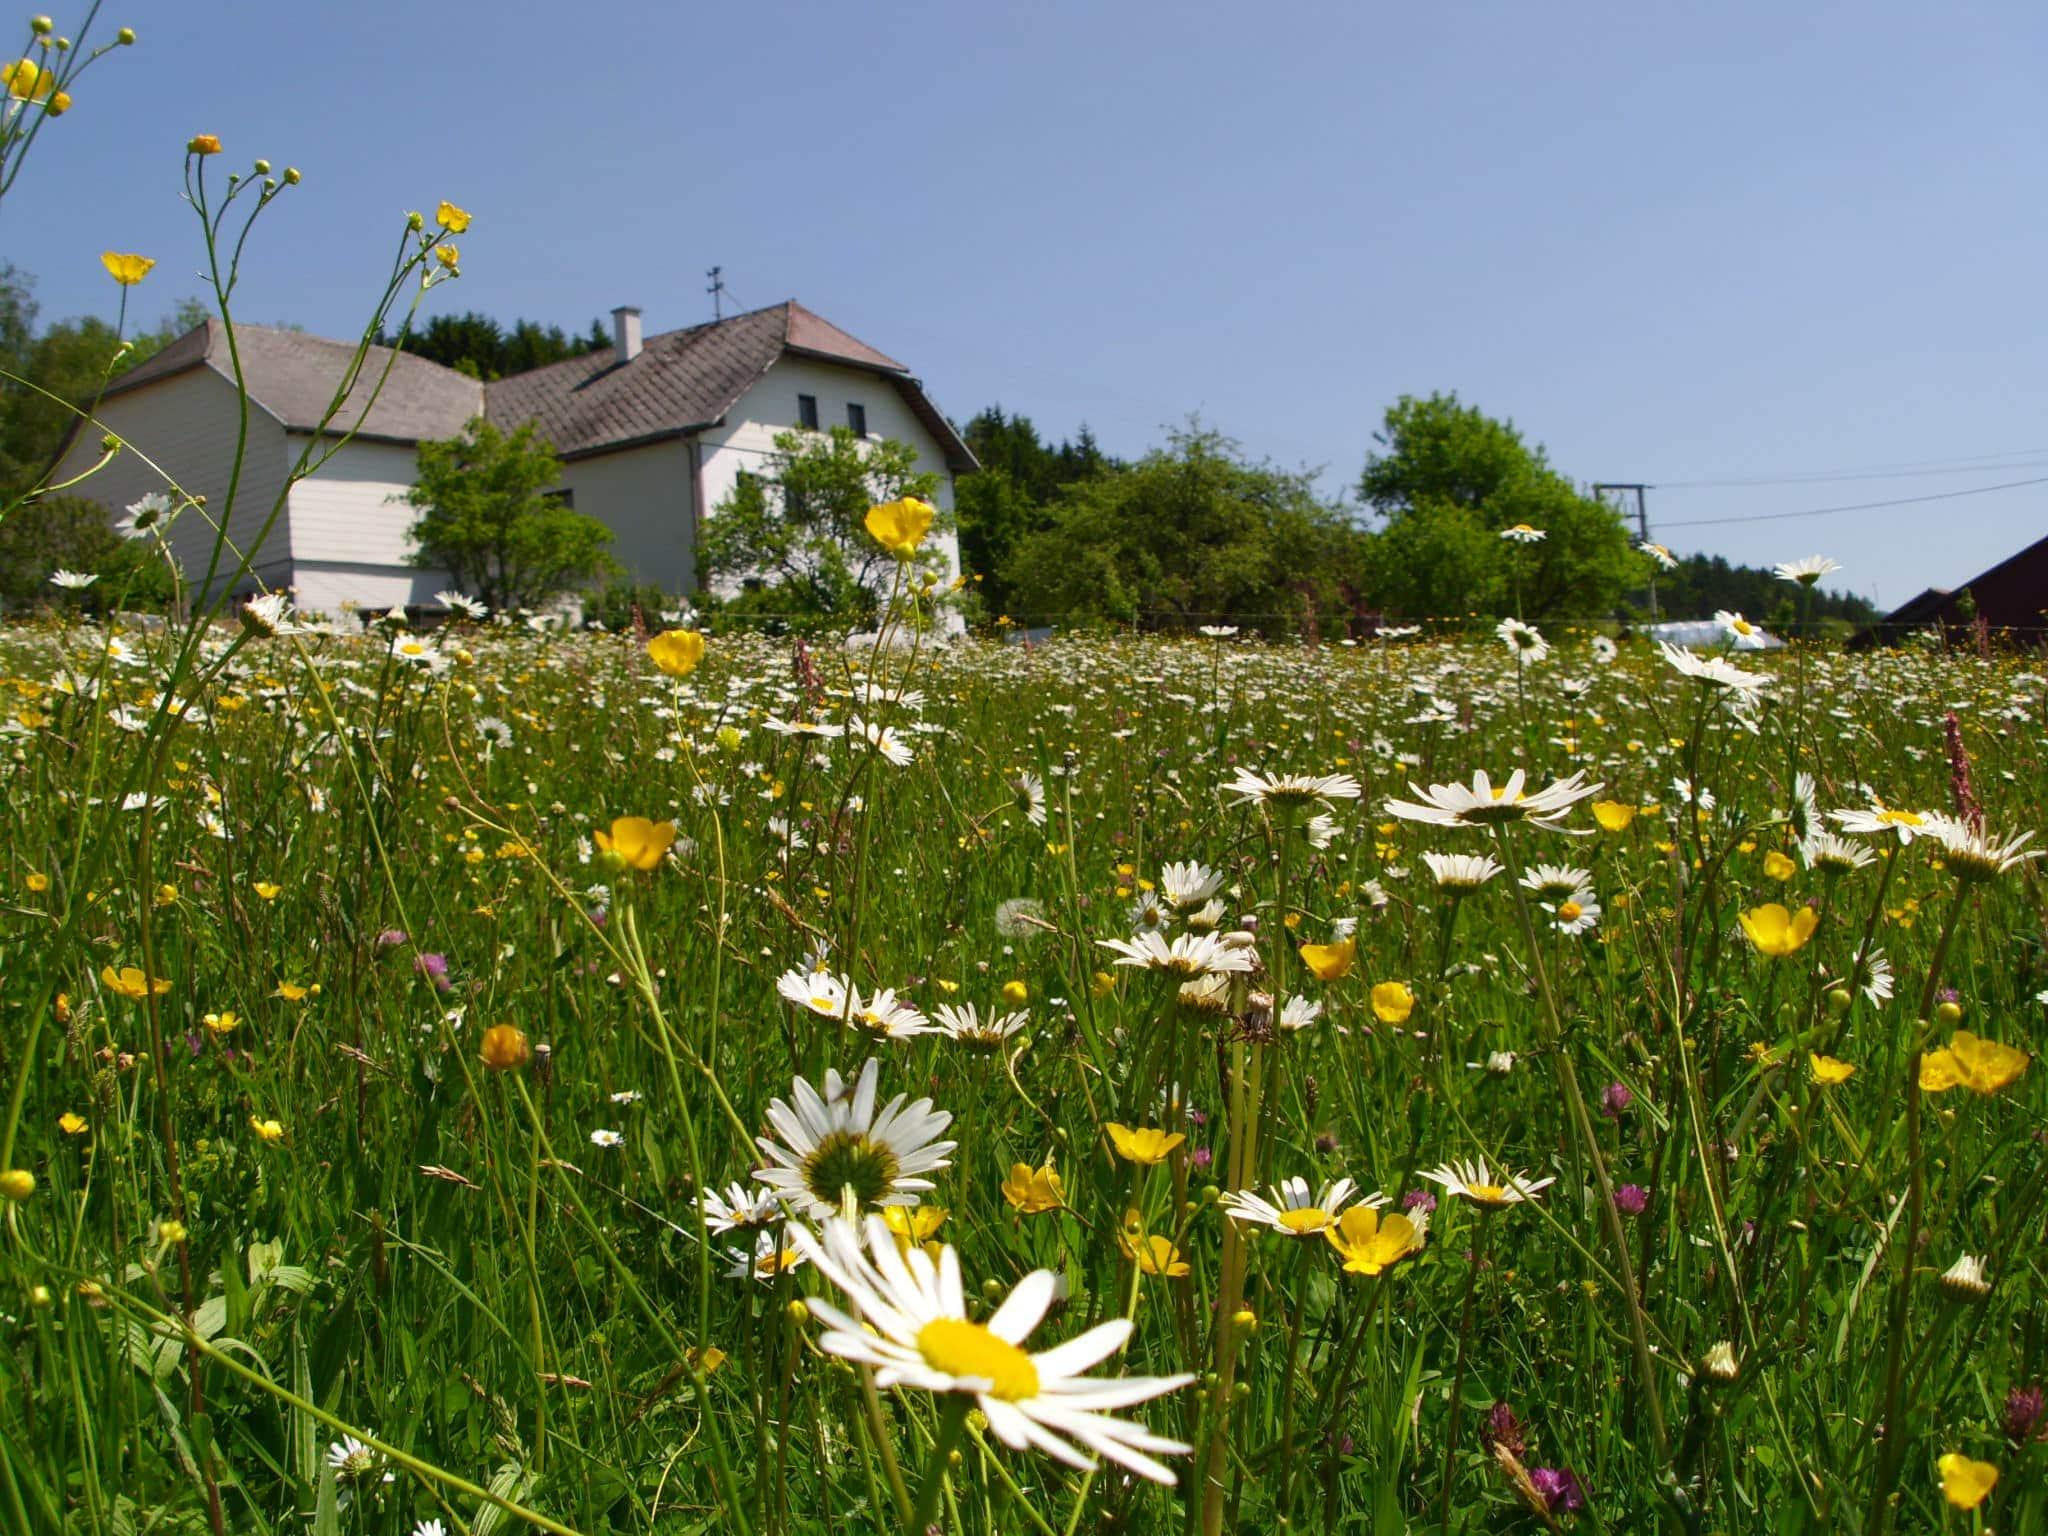 Wiese mit verschiedenen Blumen und Haus im Hintergrund